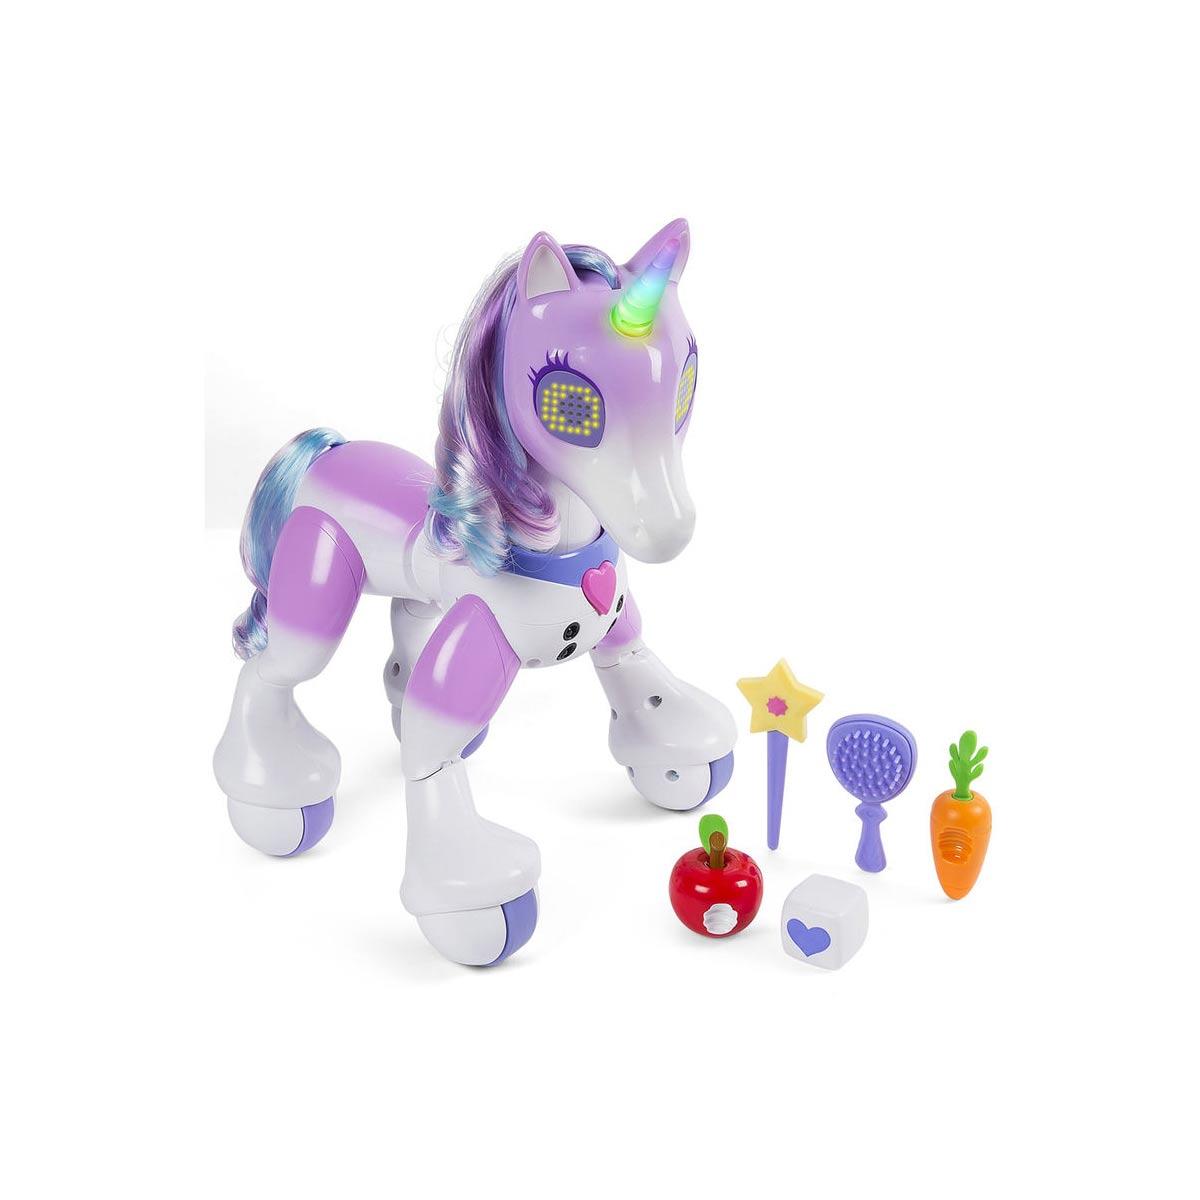 電子 電動 おもちゃ 動物 ロボット 人形 ユニコーン ズーマー 海外